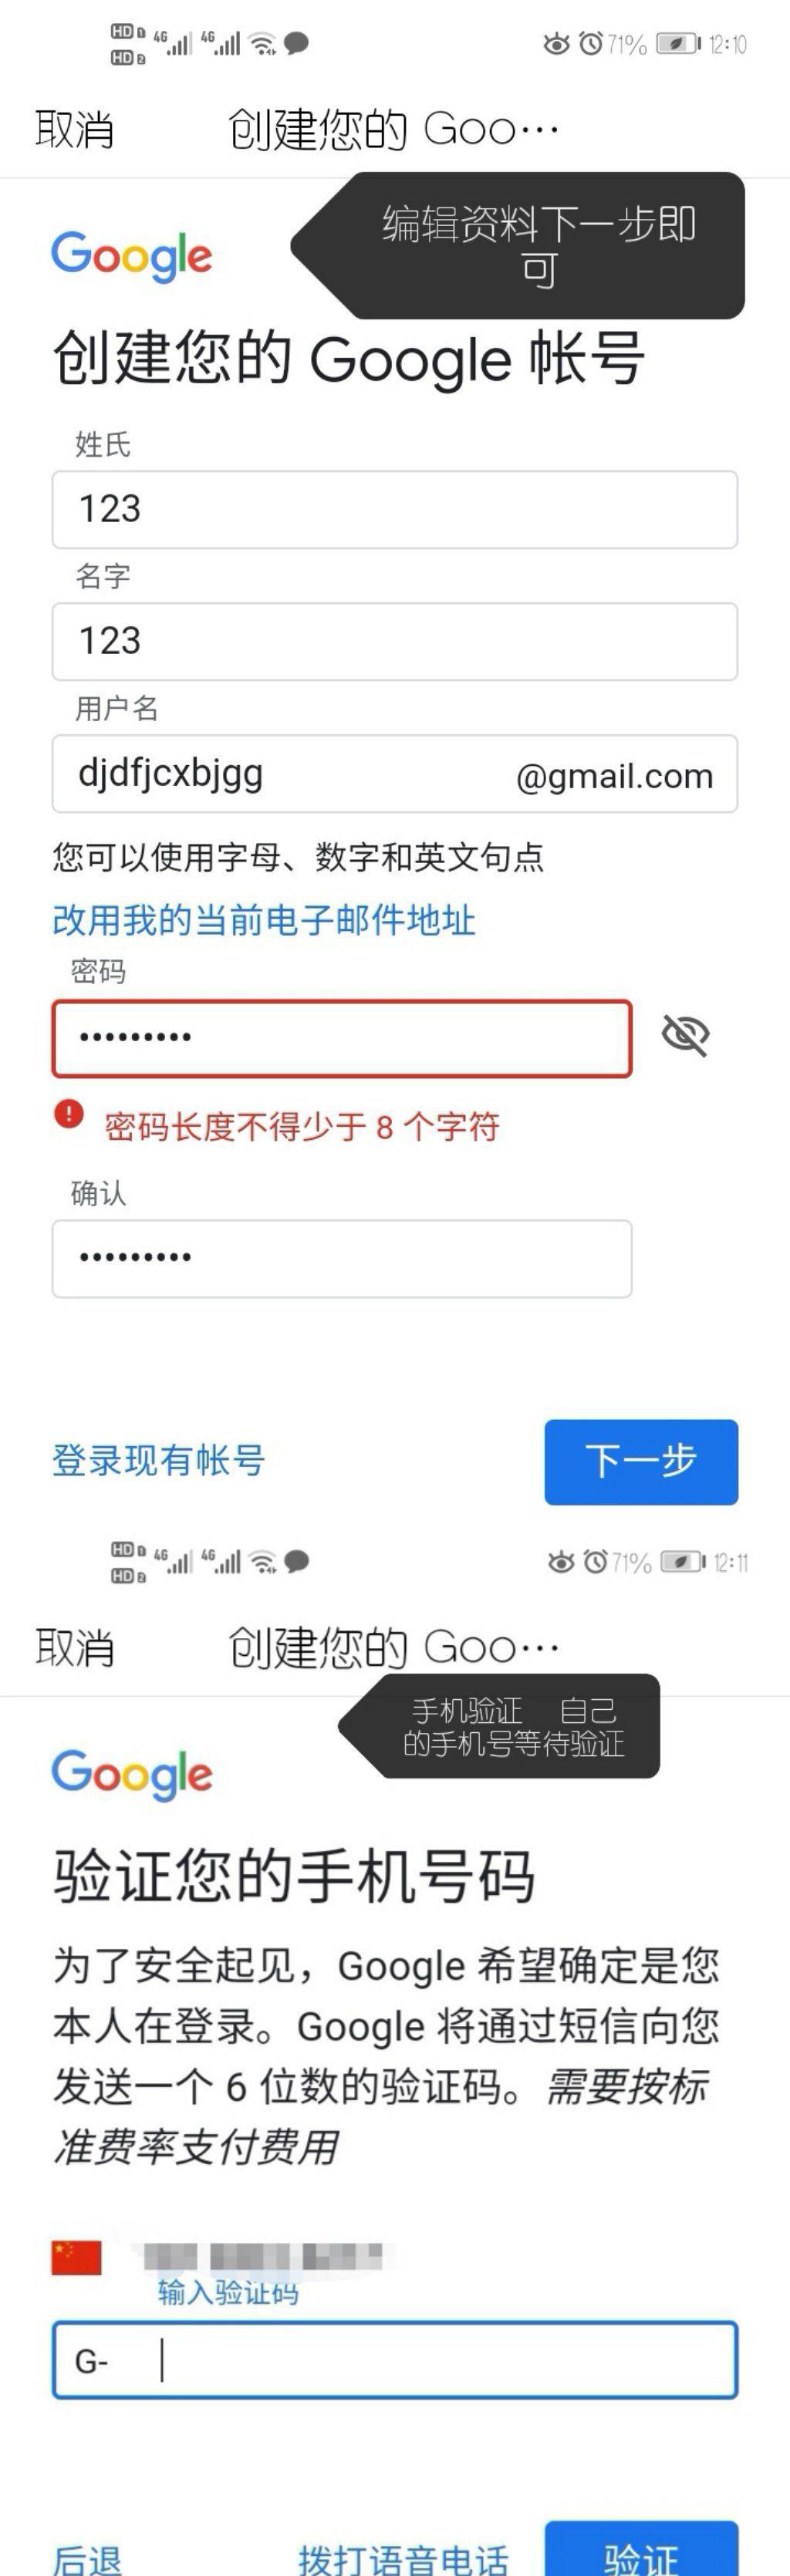 如何快速注册谷歌账号|亲测可用|正文